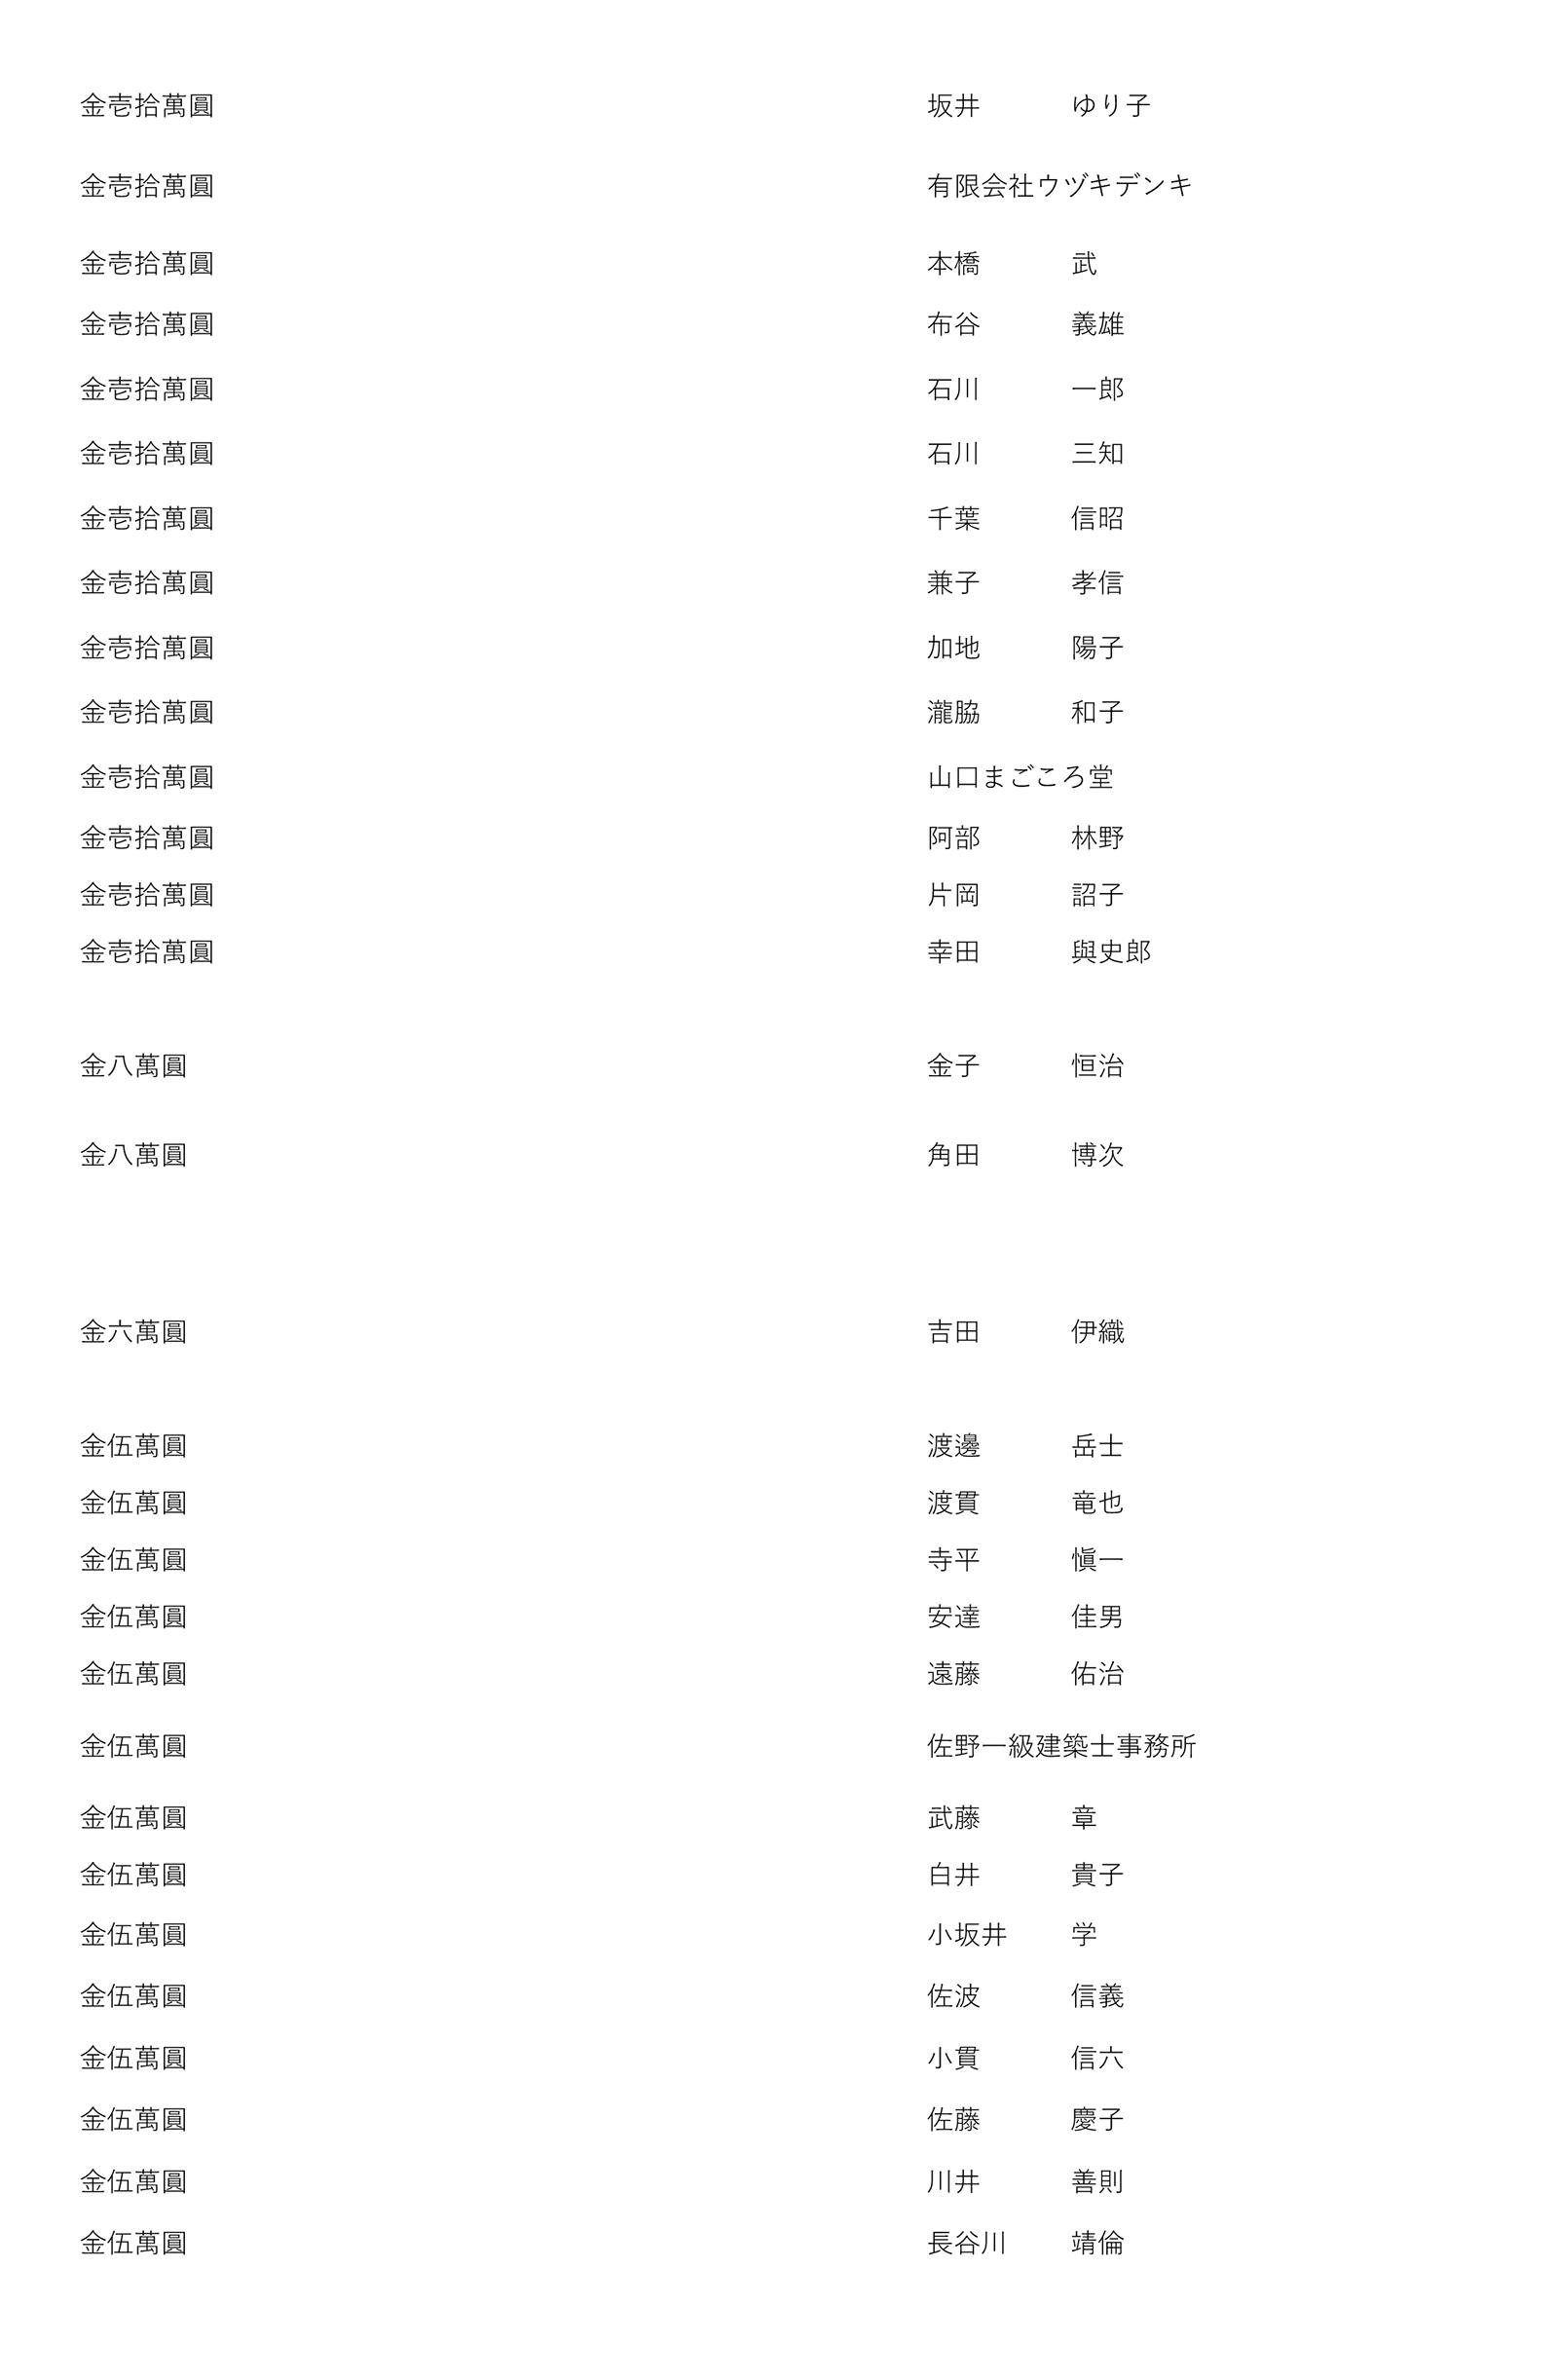 御鎮座七百年記念事業奉賛者御芳名簿4